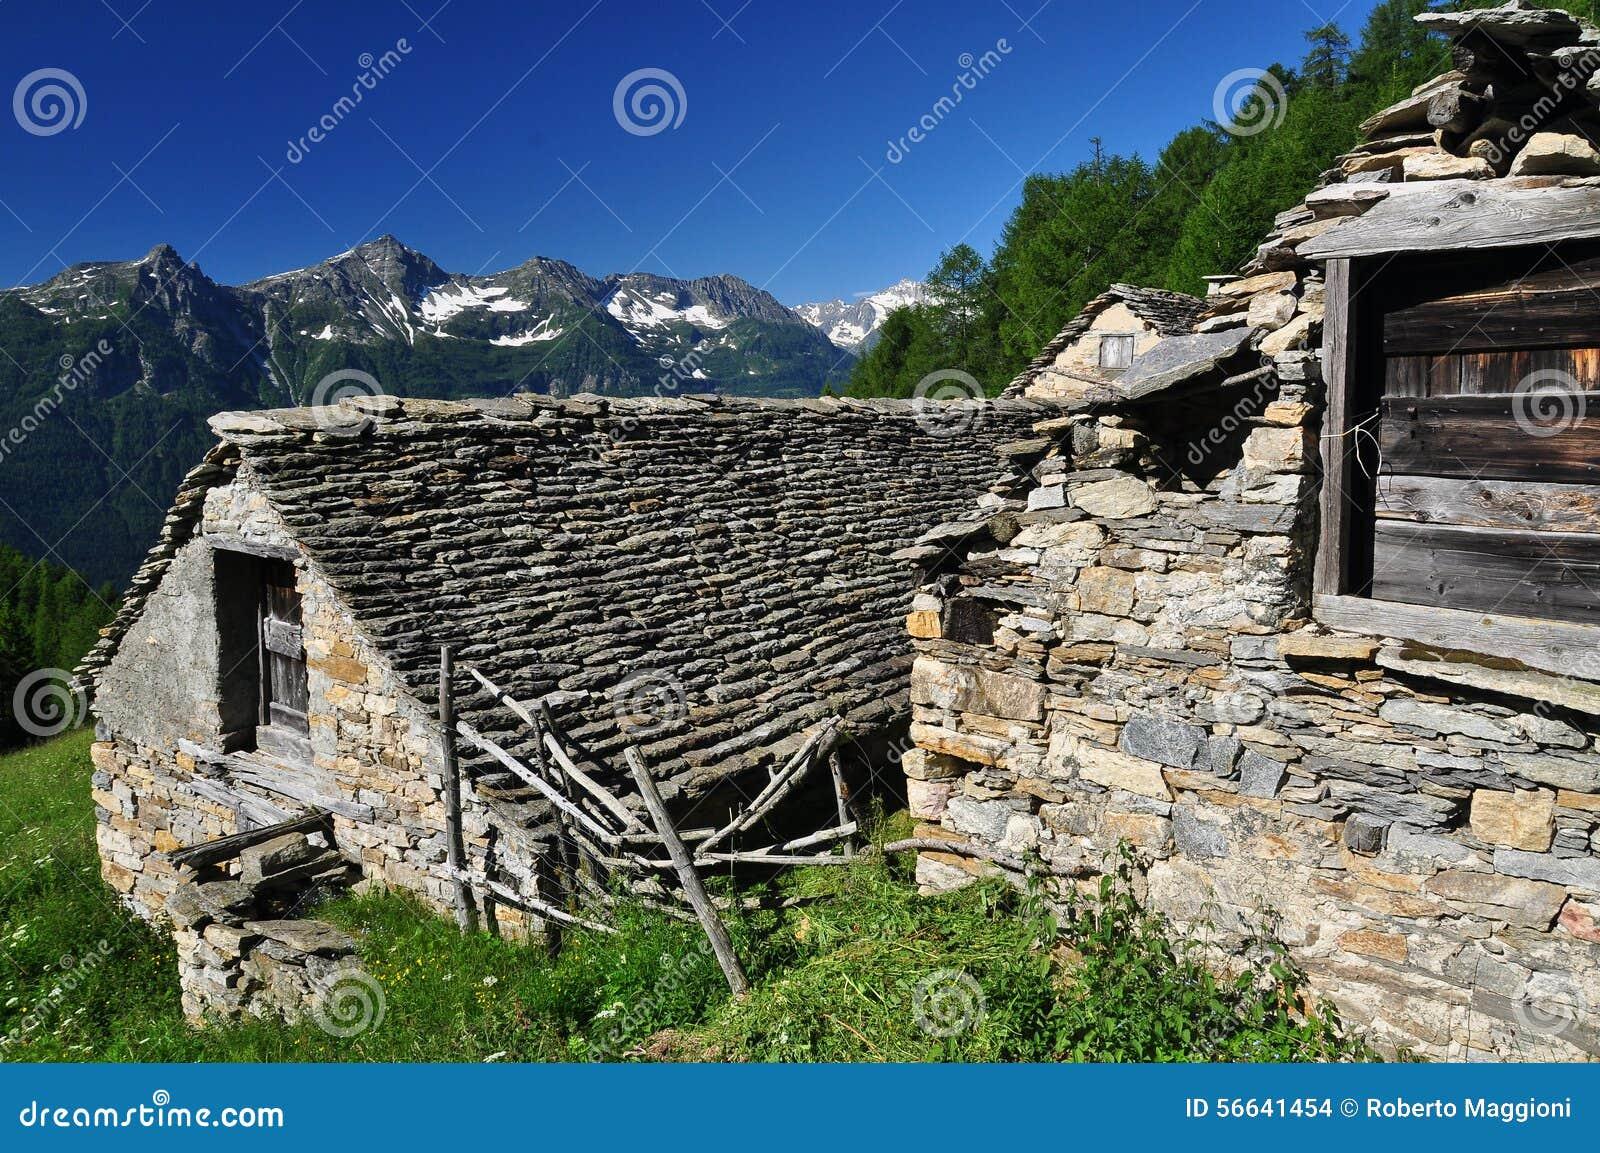 Architecture en pierre traditionnelle de montagne maison for Architecture traditionnelle